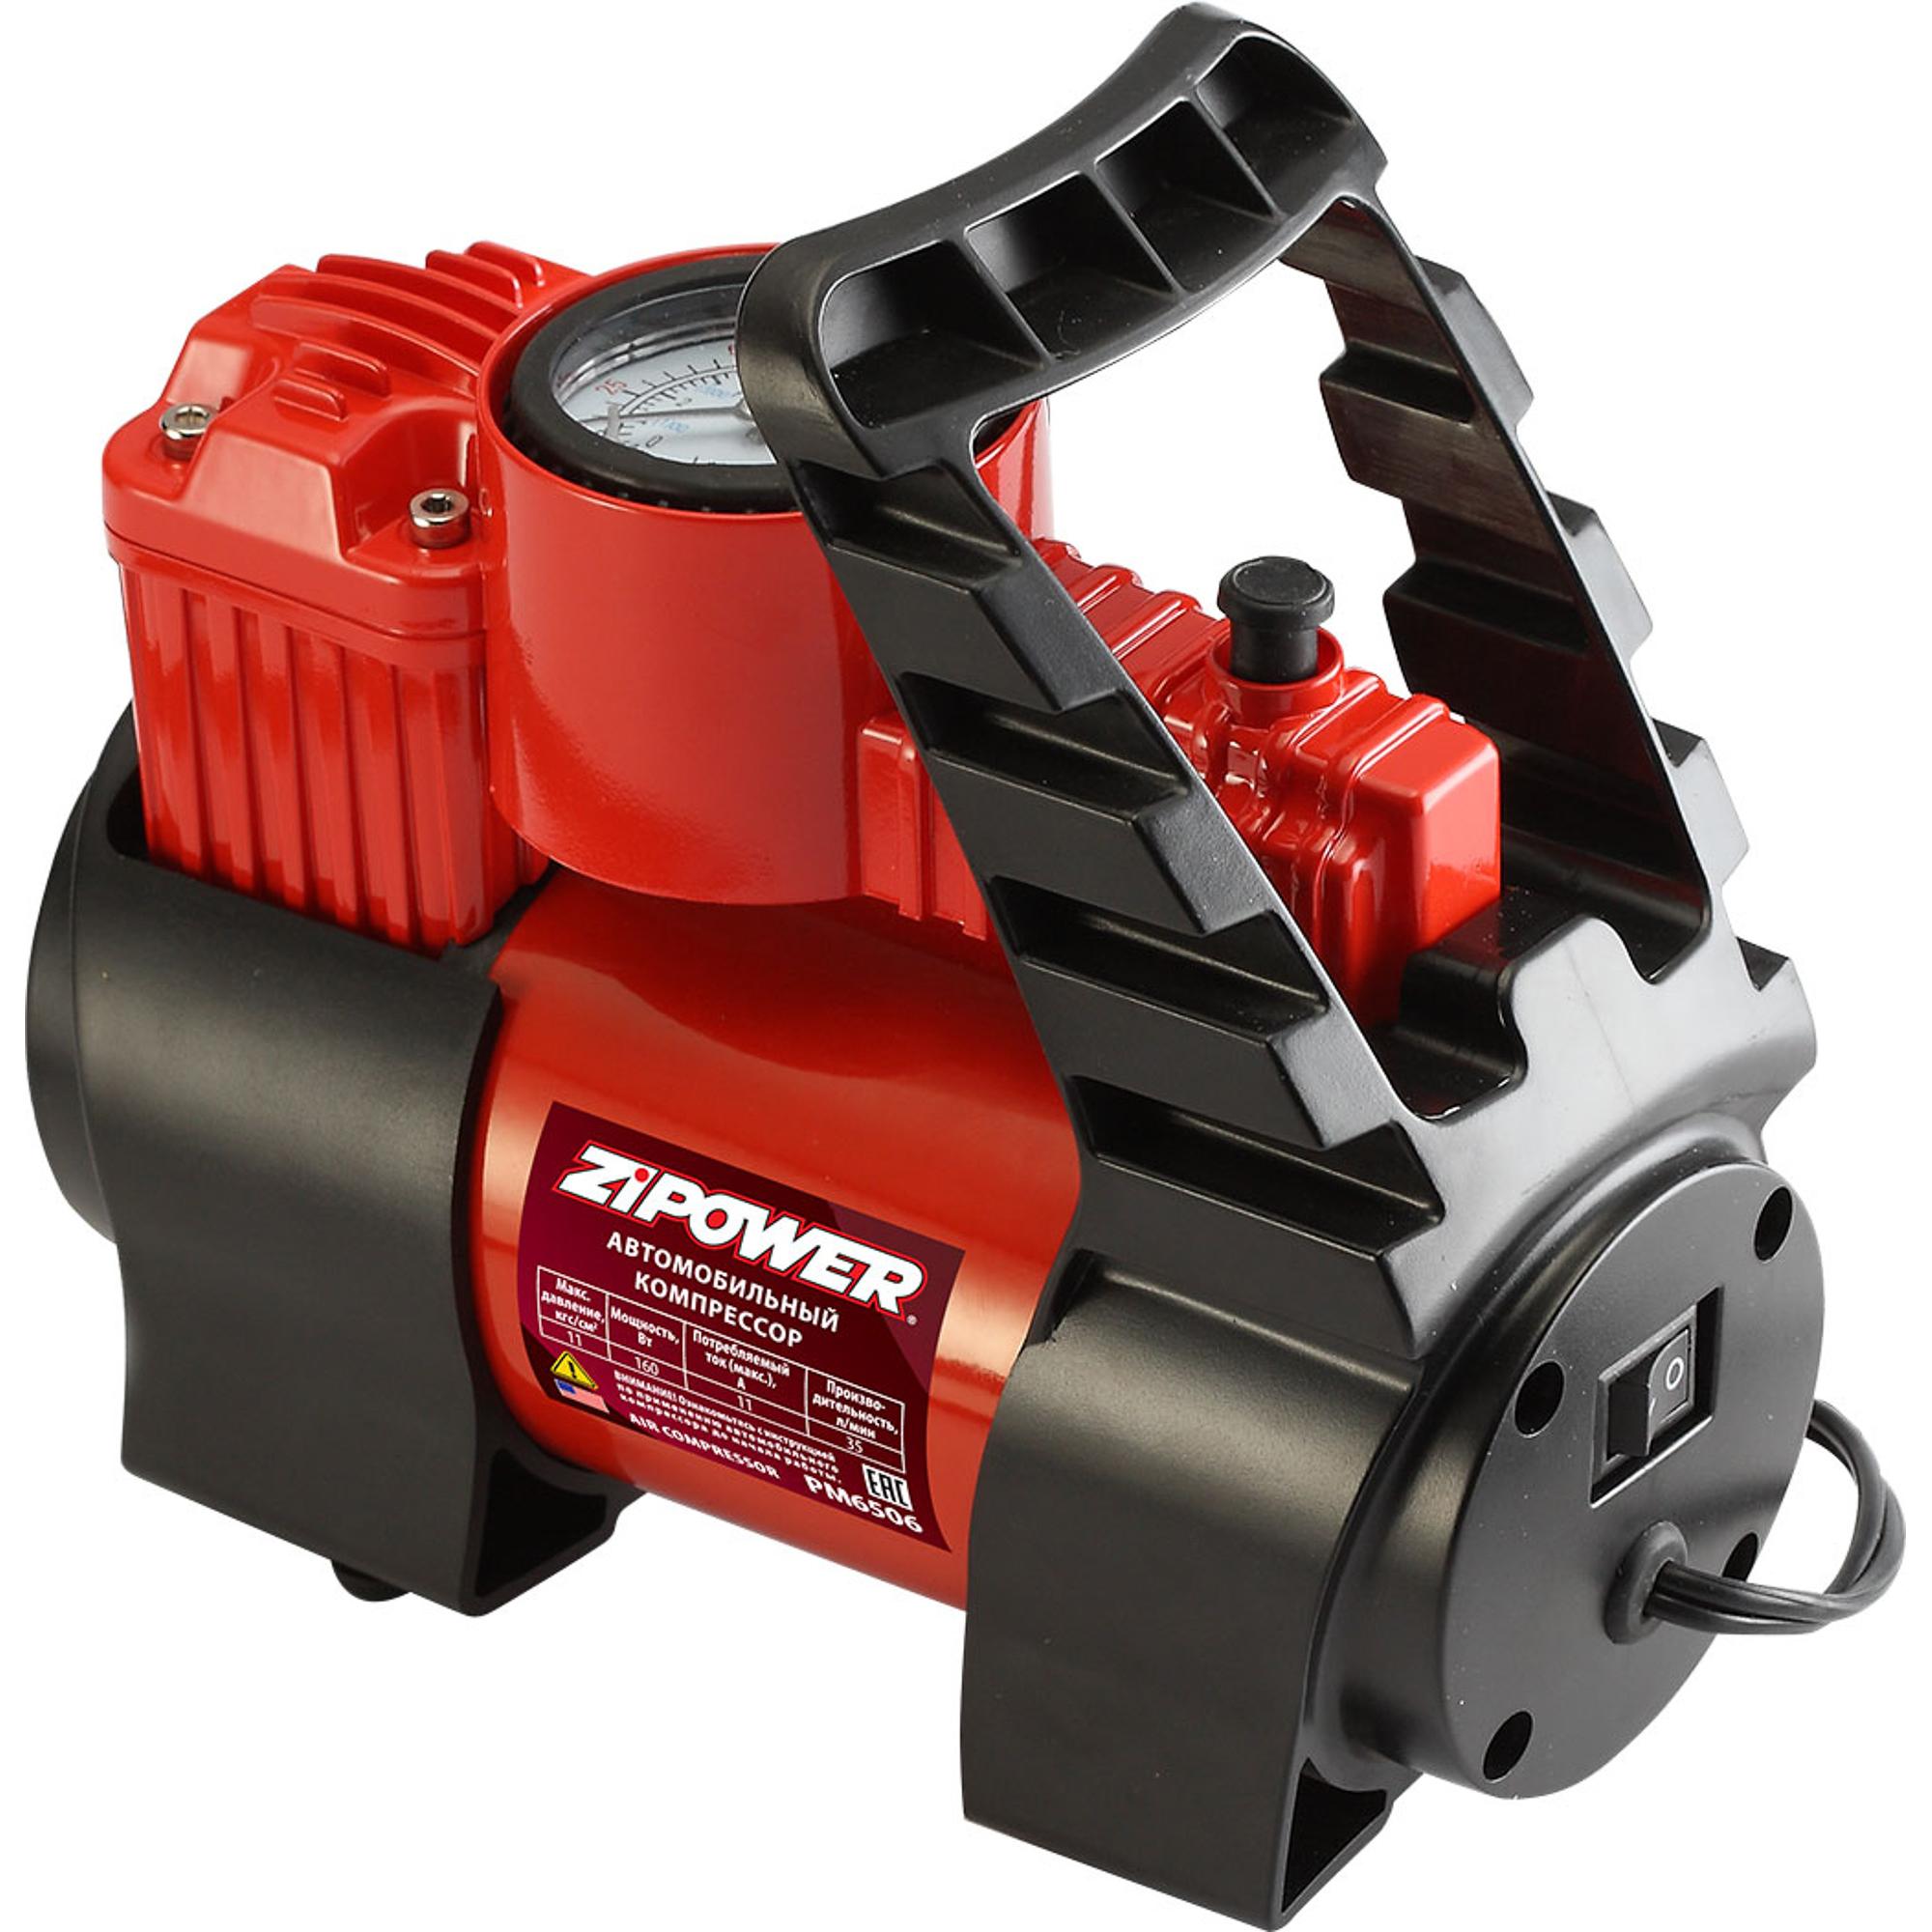 Компрессор 12 в. 160 вт. 11 атм. 35 л/м Zipower